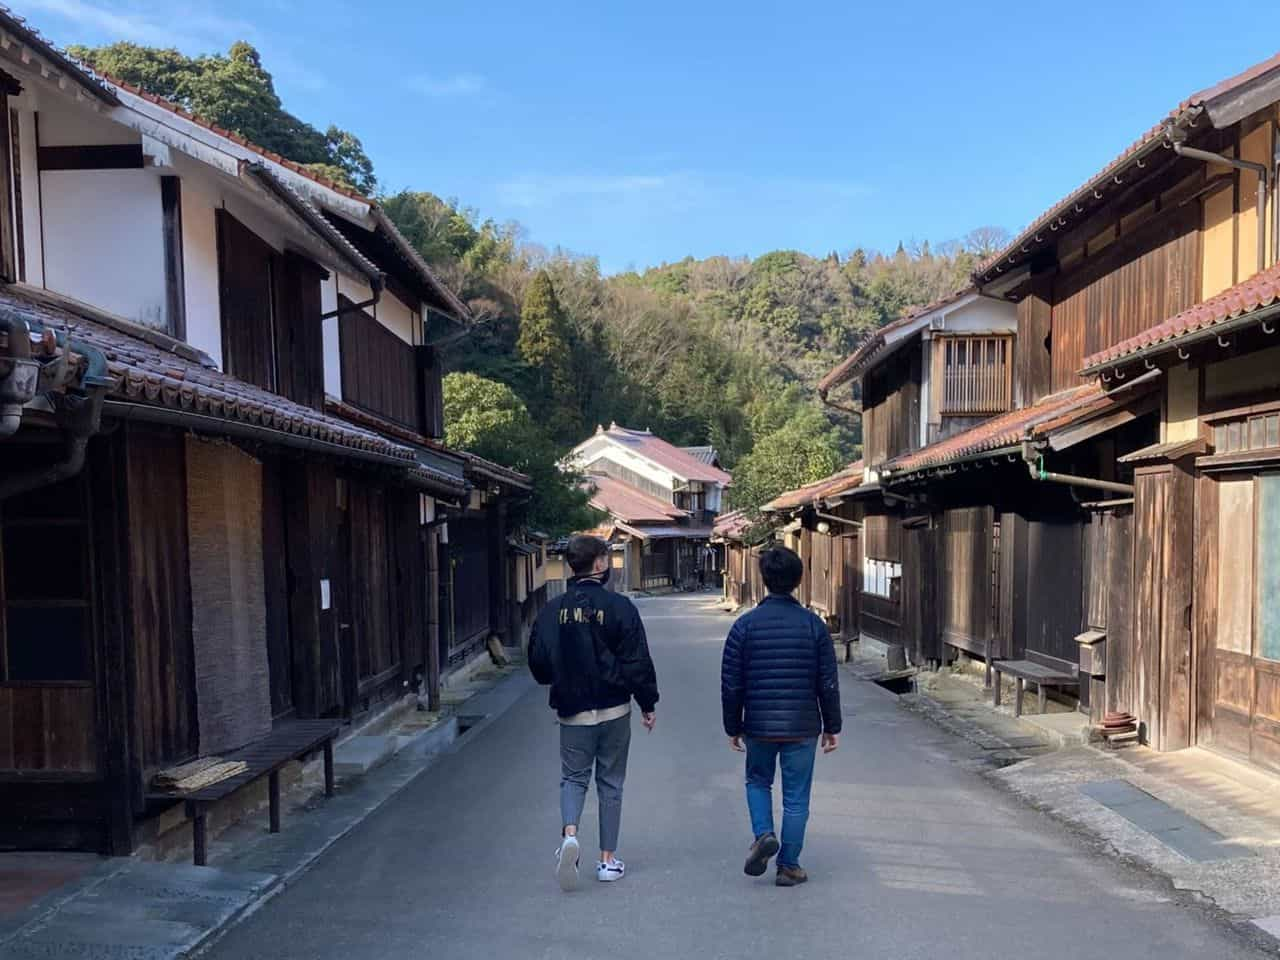 Un itinerario de 4 días en la prefectura de Shimane: de Iwami Ginzan a Tsuwano